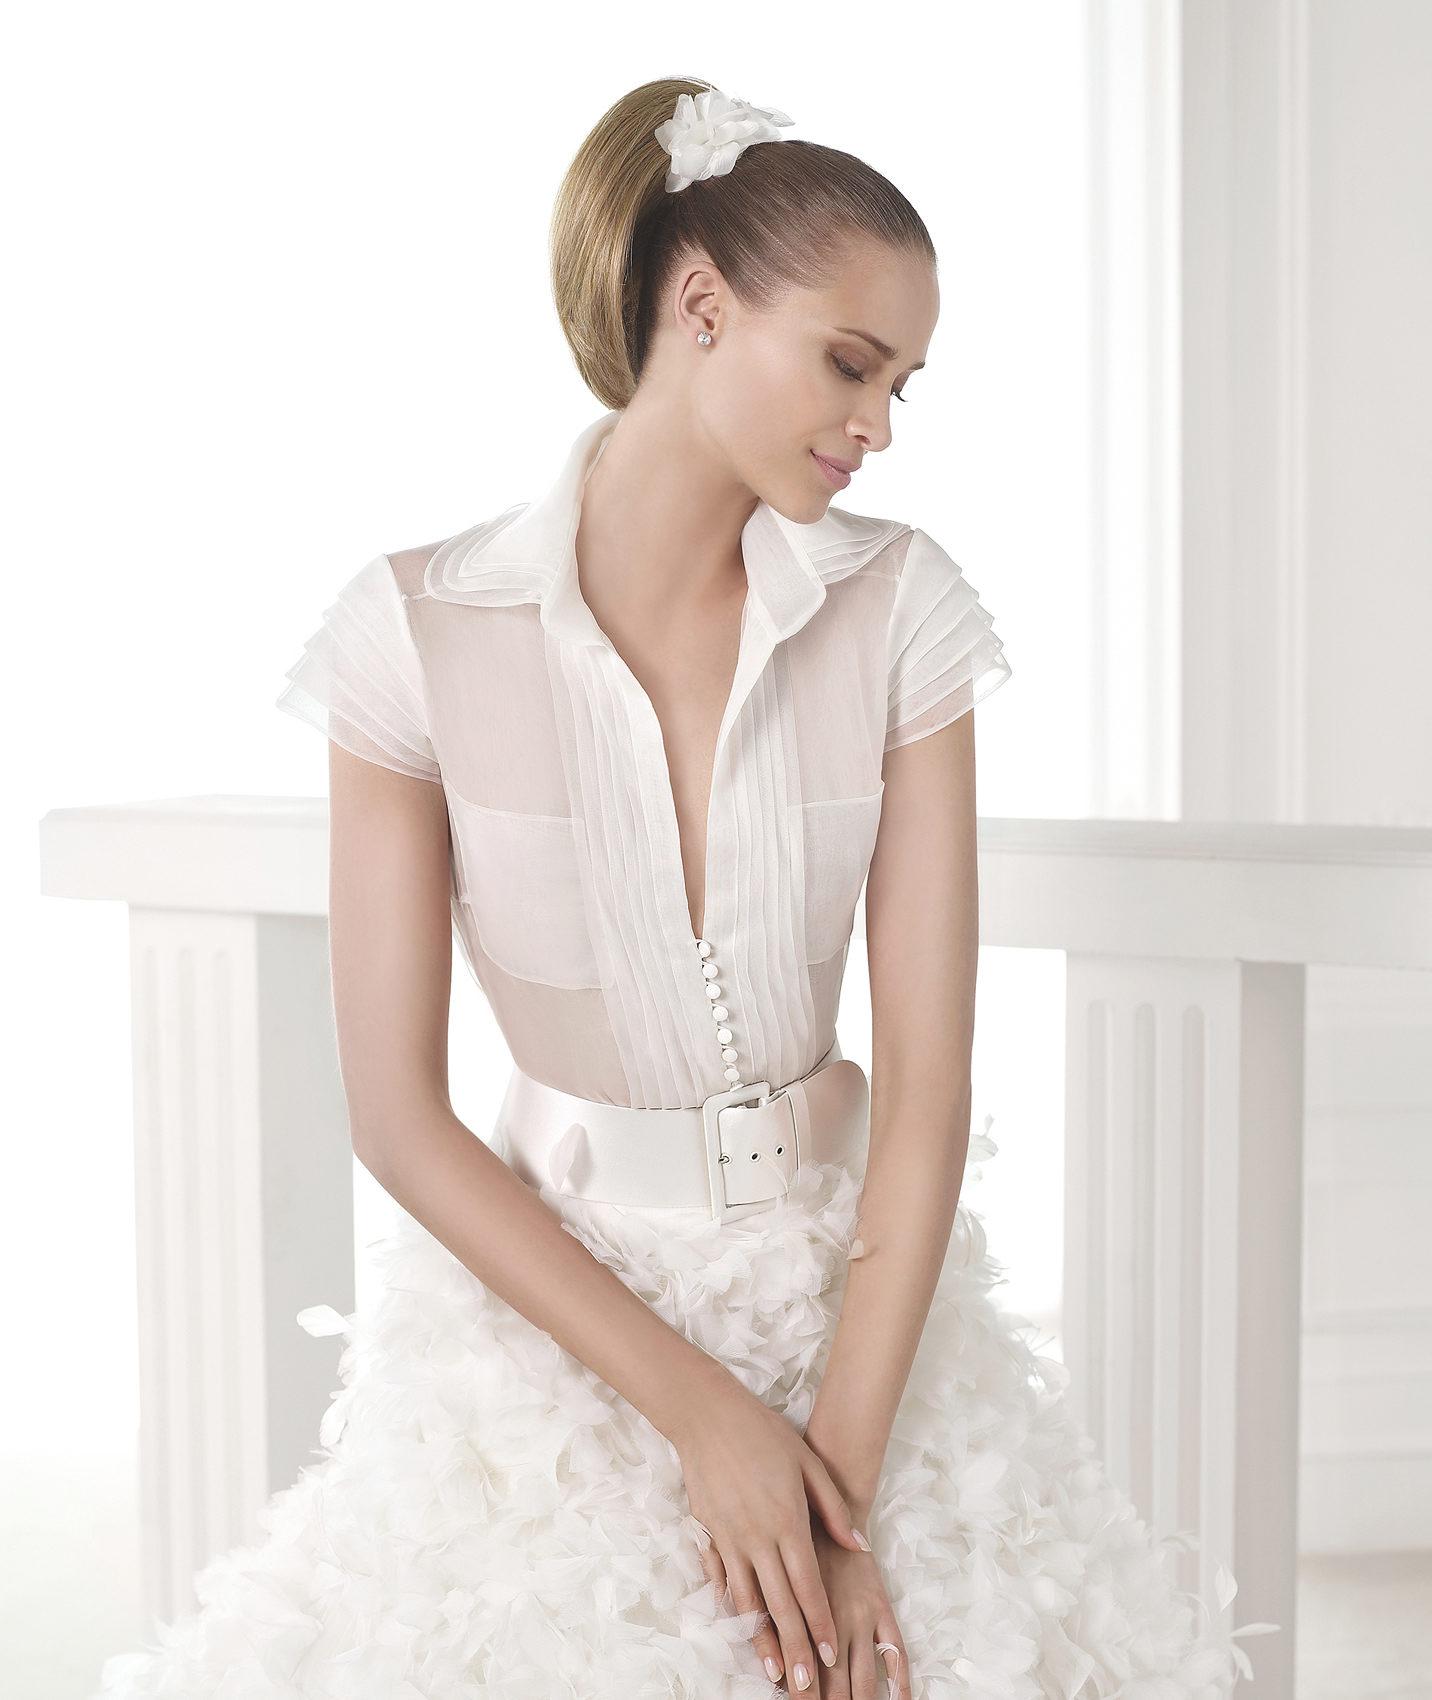 Svadobné šaty Pronovias z kolekcie S / S 2015 módne kombinujúci biznis blúzku a bohatú sukňu s opaskom